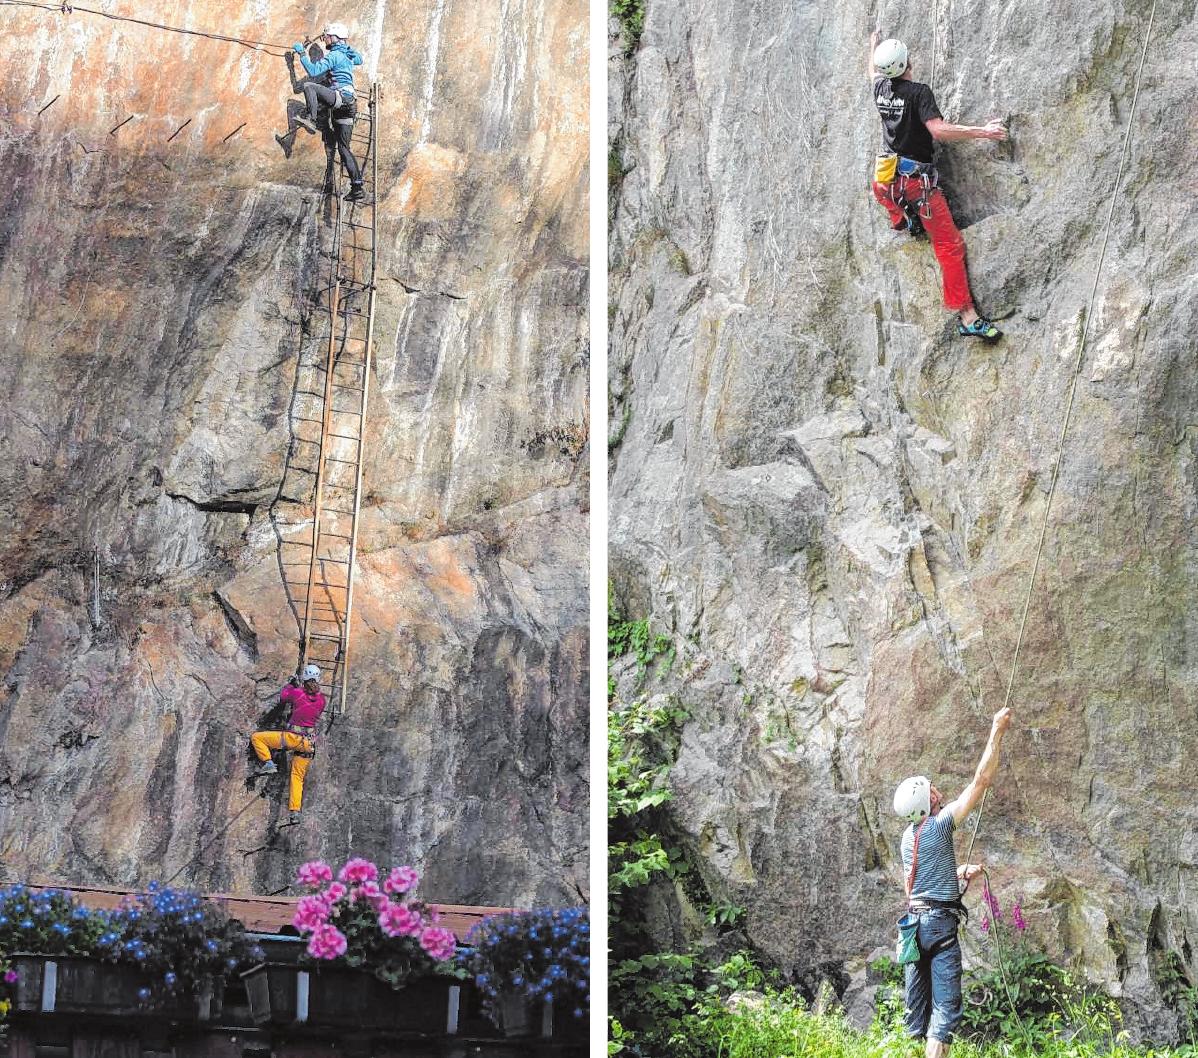 Klettersteige, Sportkletterrouten oder eine Boulderhalle – der DAV Sektion Weinheim hat für jedes Alter etwas zu bieten. Ein offenes Ohr für Gäste und Neulinge macht das Outdoor-Erlebnis für alle möglich.